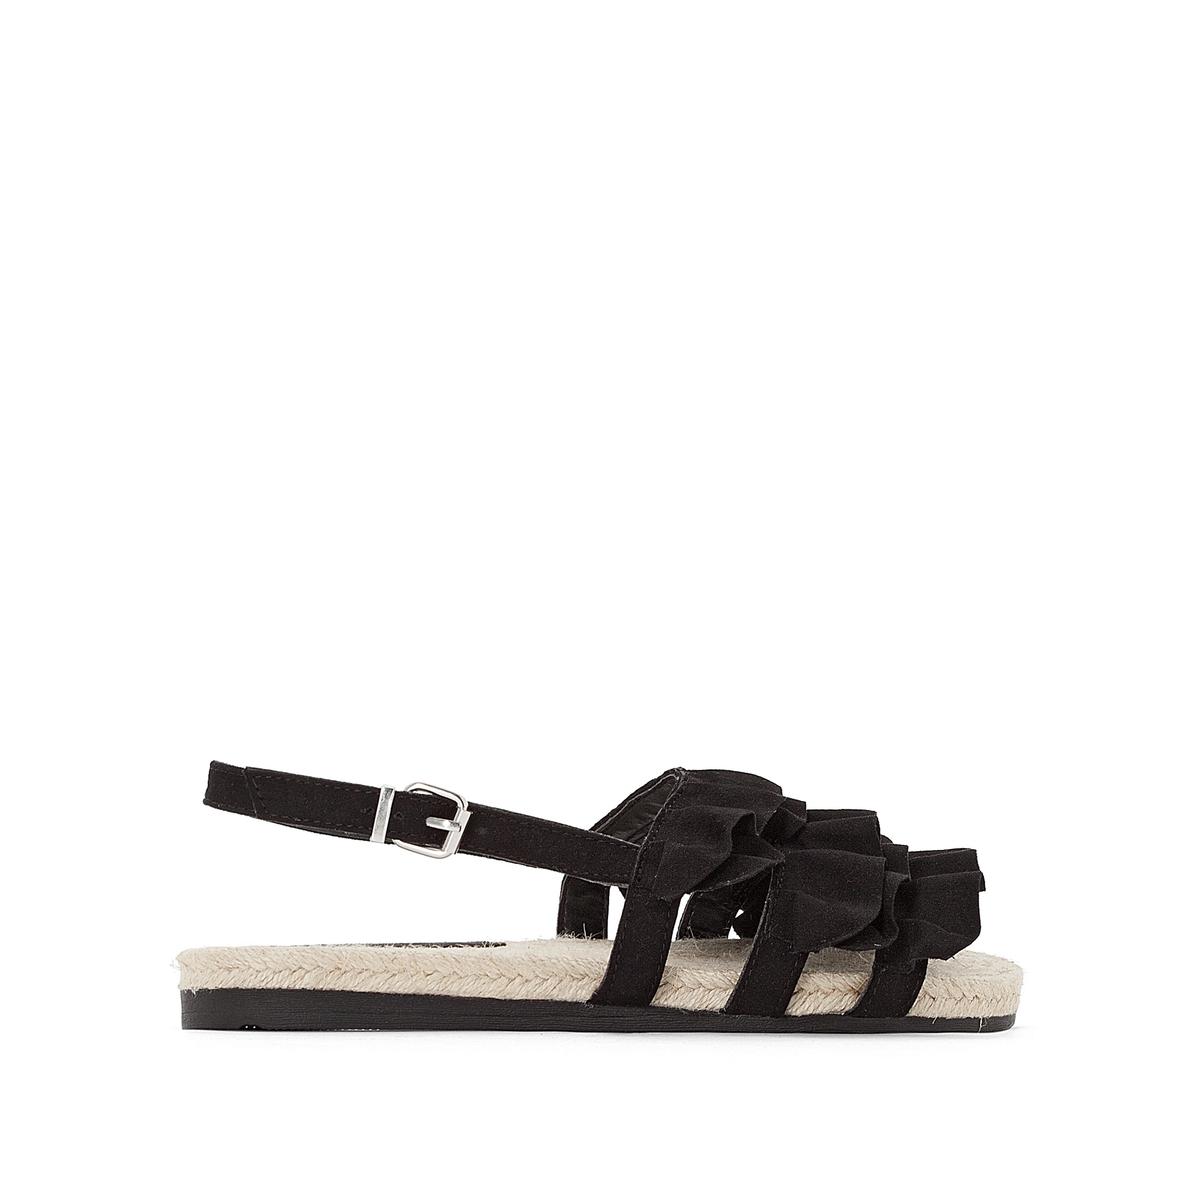 Сандалии на плоской подошве Froufrou женская обувь на плоской подошве 2015